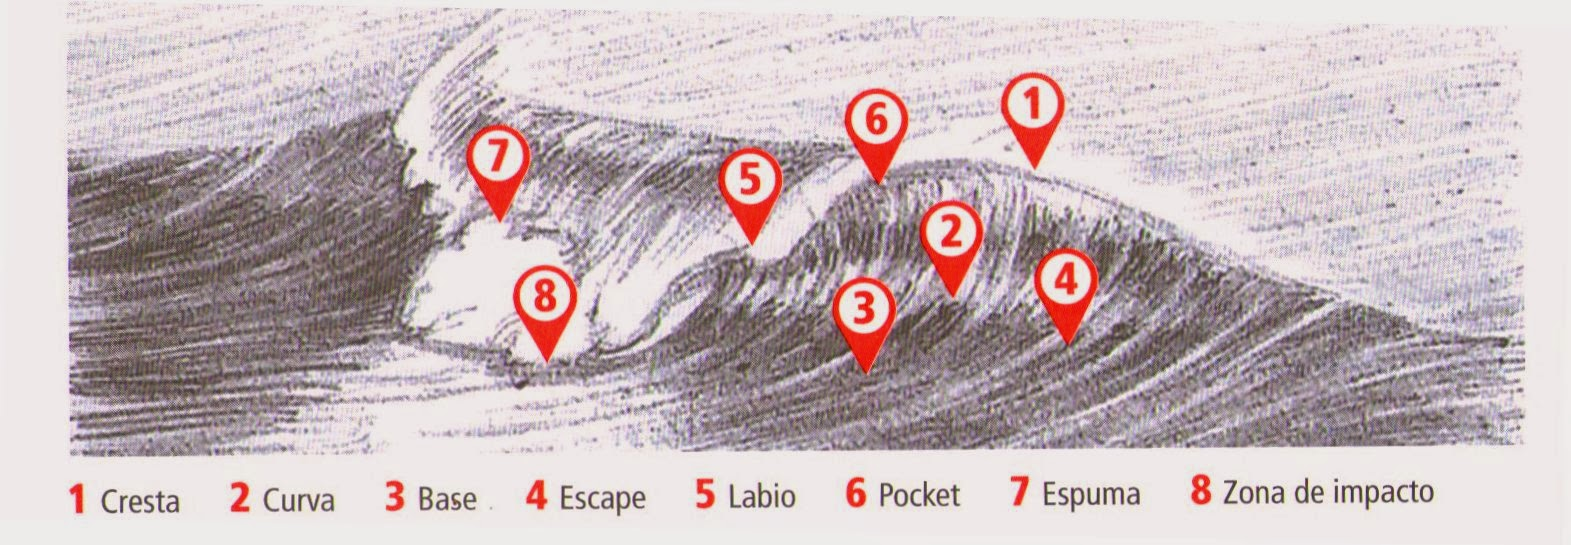 Anatomía de las Olas (Surf) – KITESURFSITE